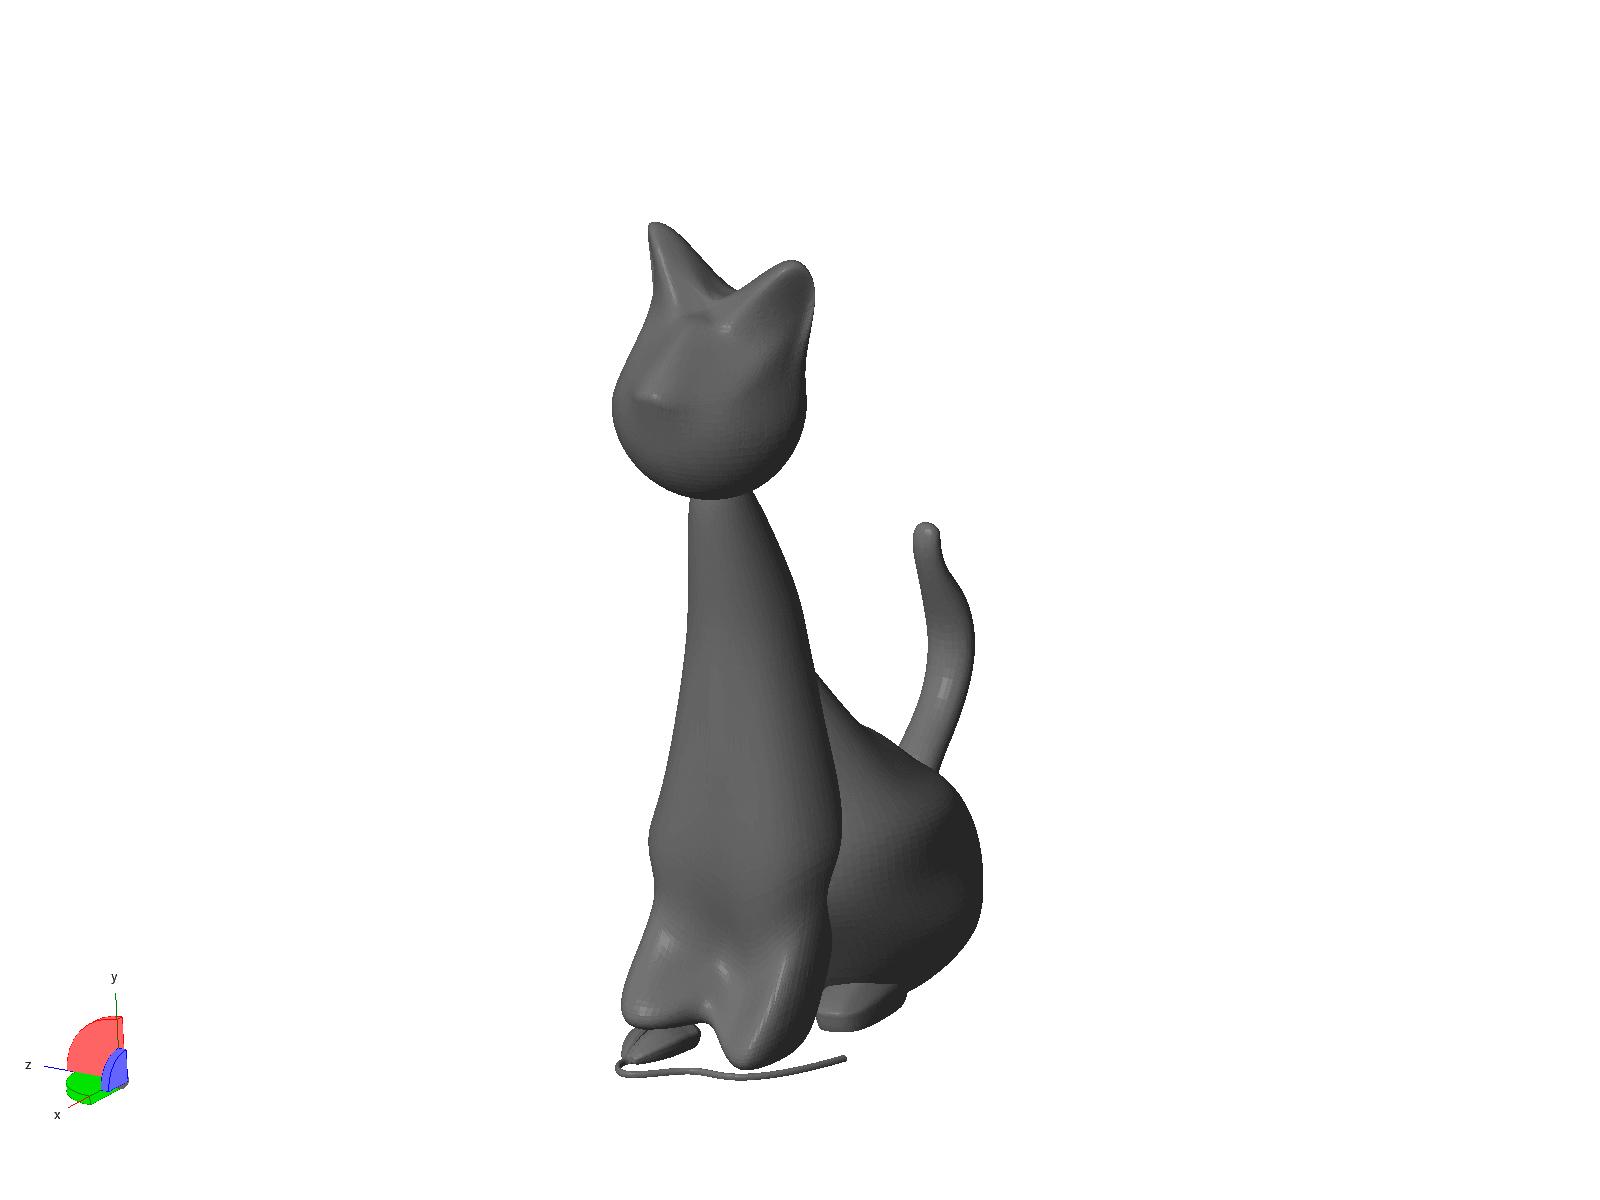 Hector V1.png Download STL file Hector The Cat • 3D printer design, MyVx35